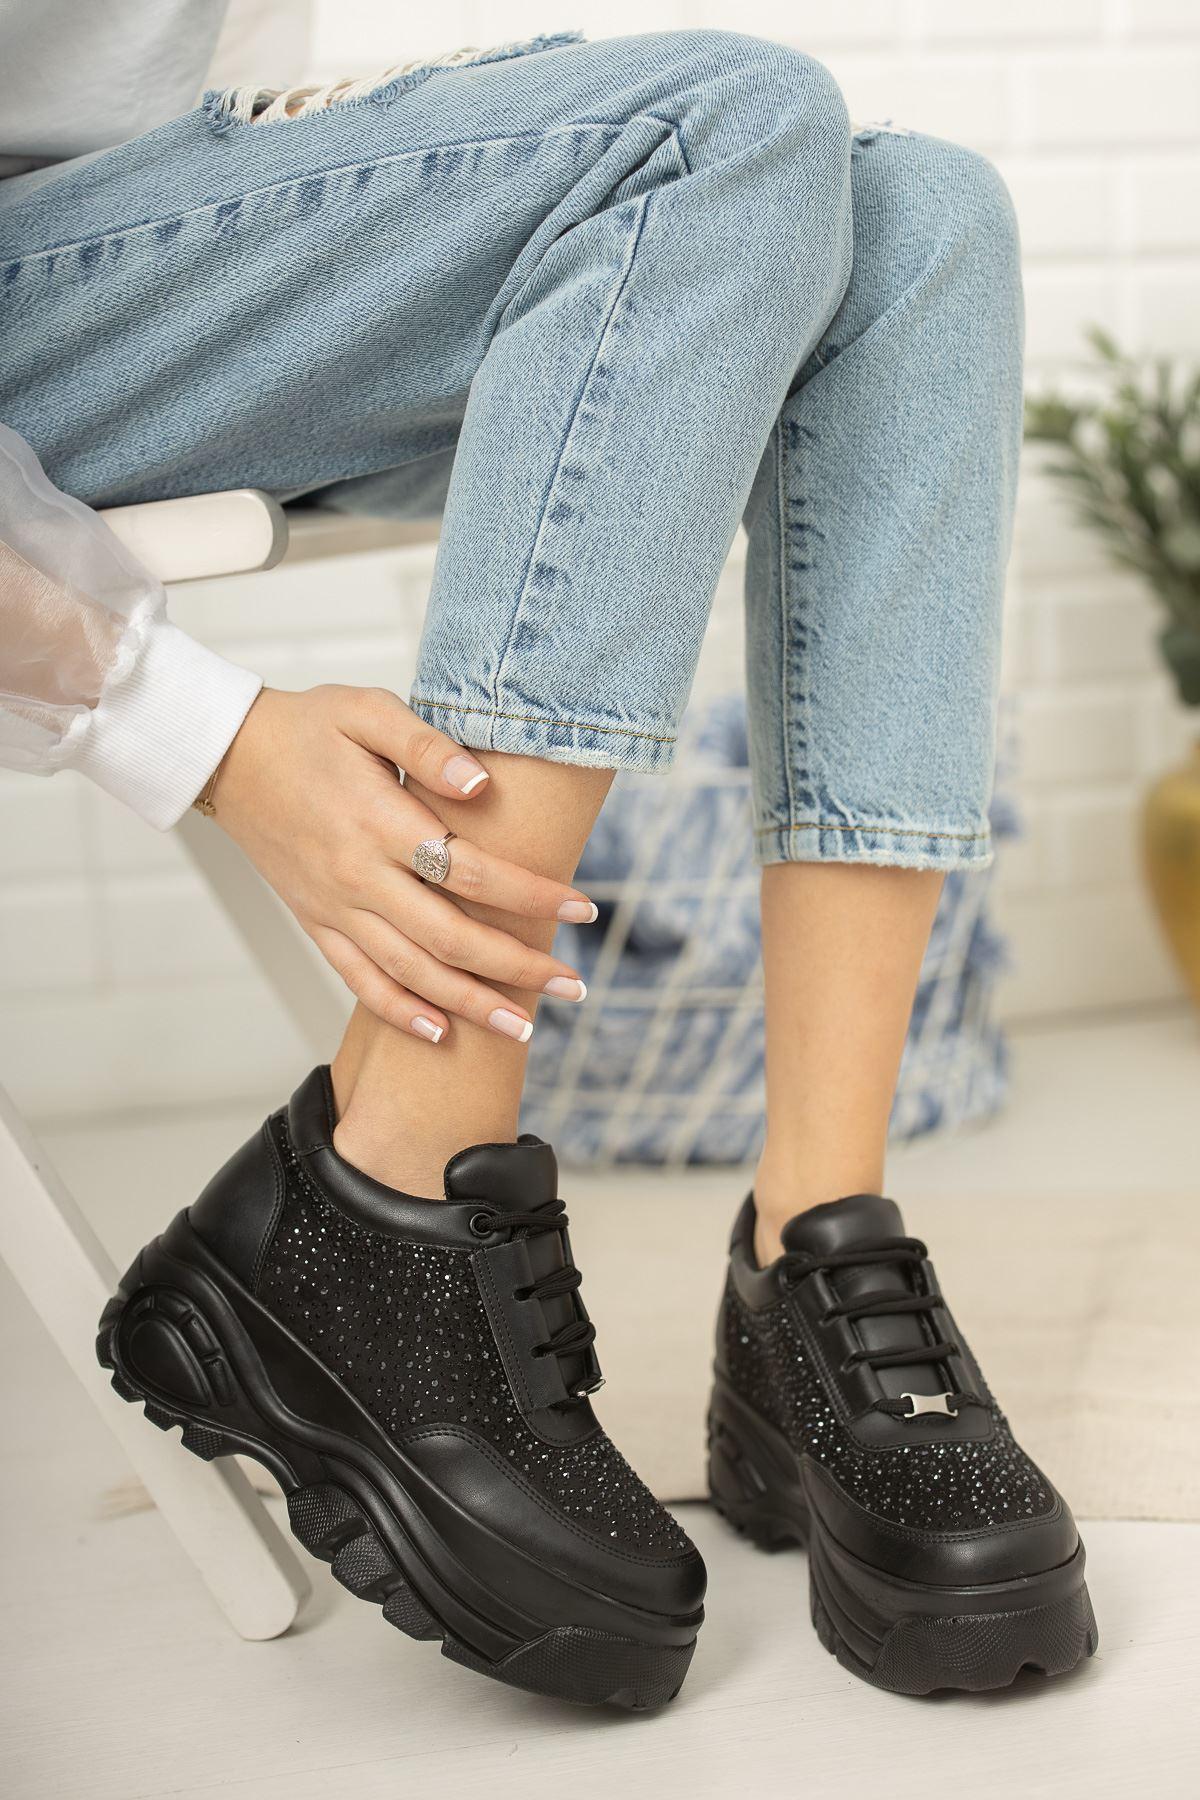 Siyah Taşlı Yüksek Taban Kadın Günlük Spor Ayakkabı